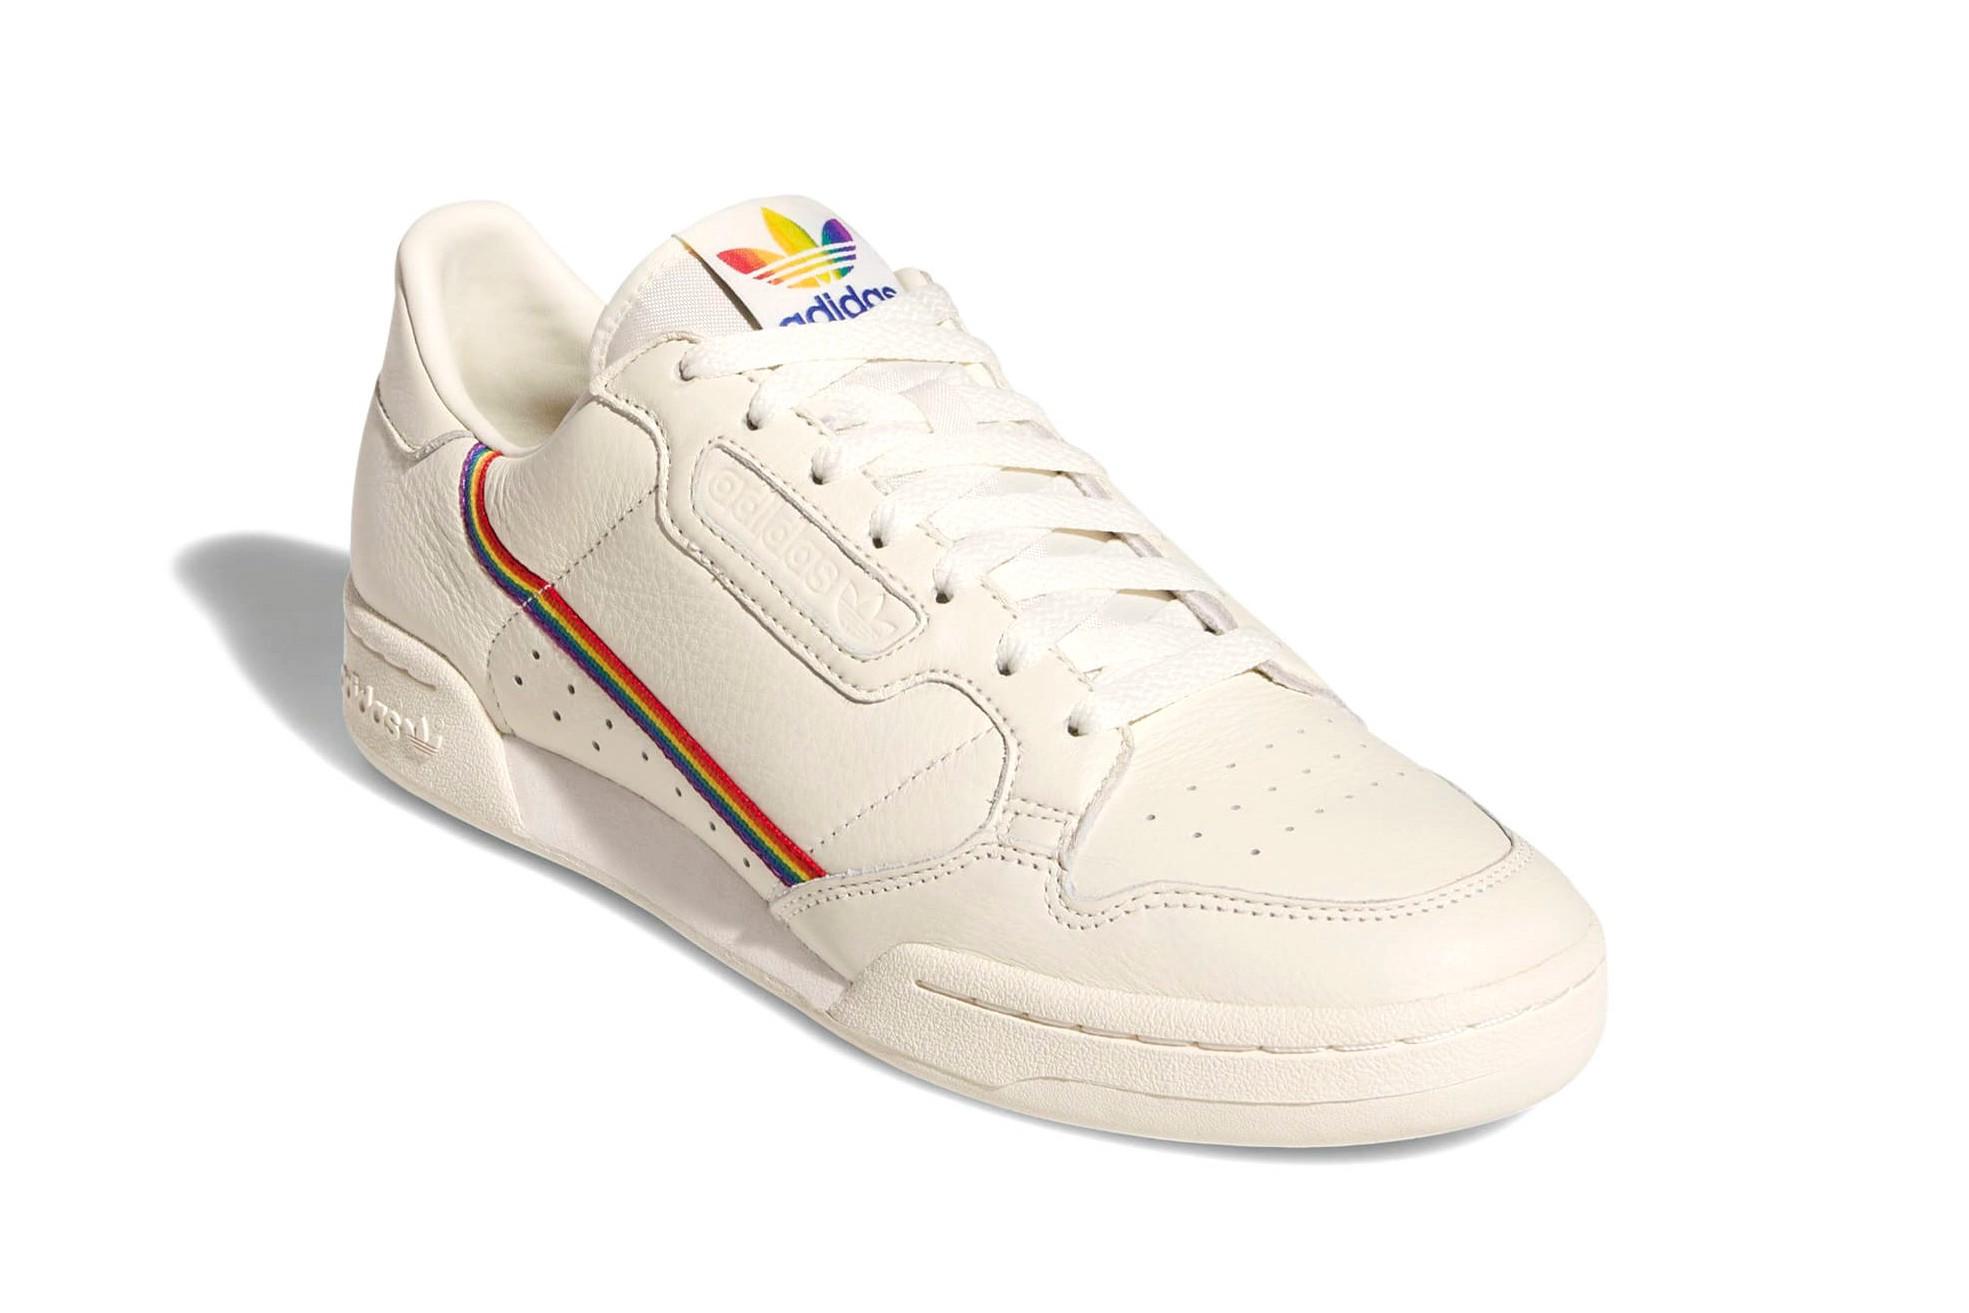 9fcf59b5ce Sneaker Release Dates June | Australia | Urban List